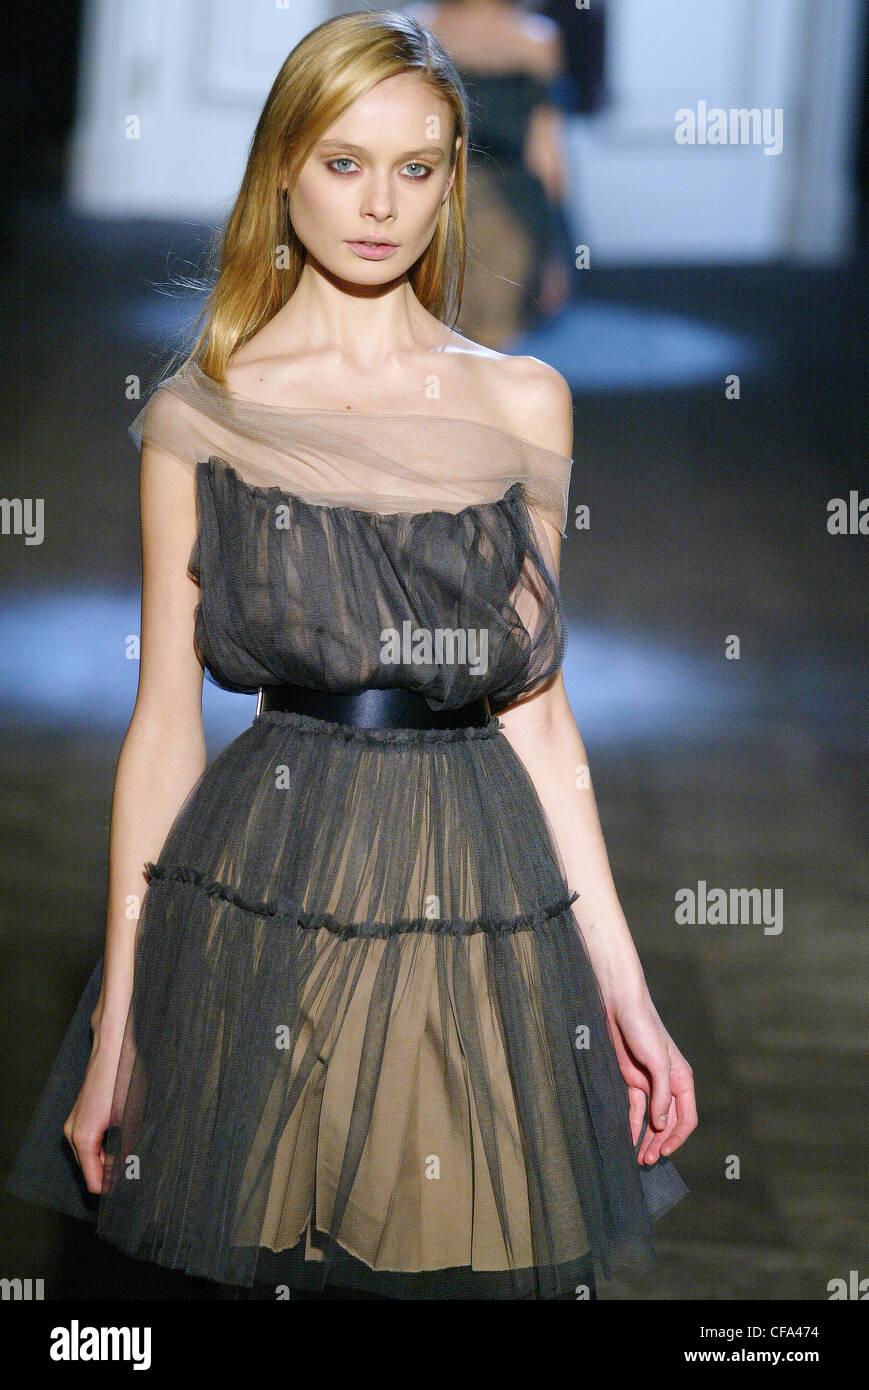 2e5b8dd2e3 Lanvin Ready to Wear Paris A W Model Inguna Butane long blonde hair wearing  beige dress grey